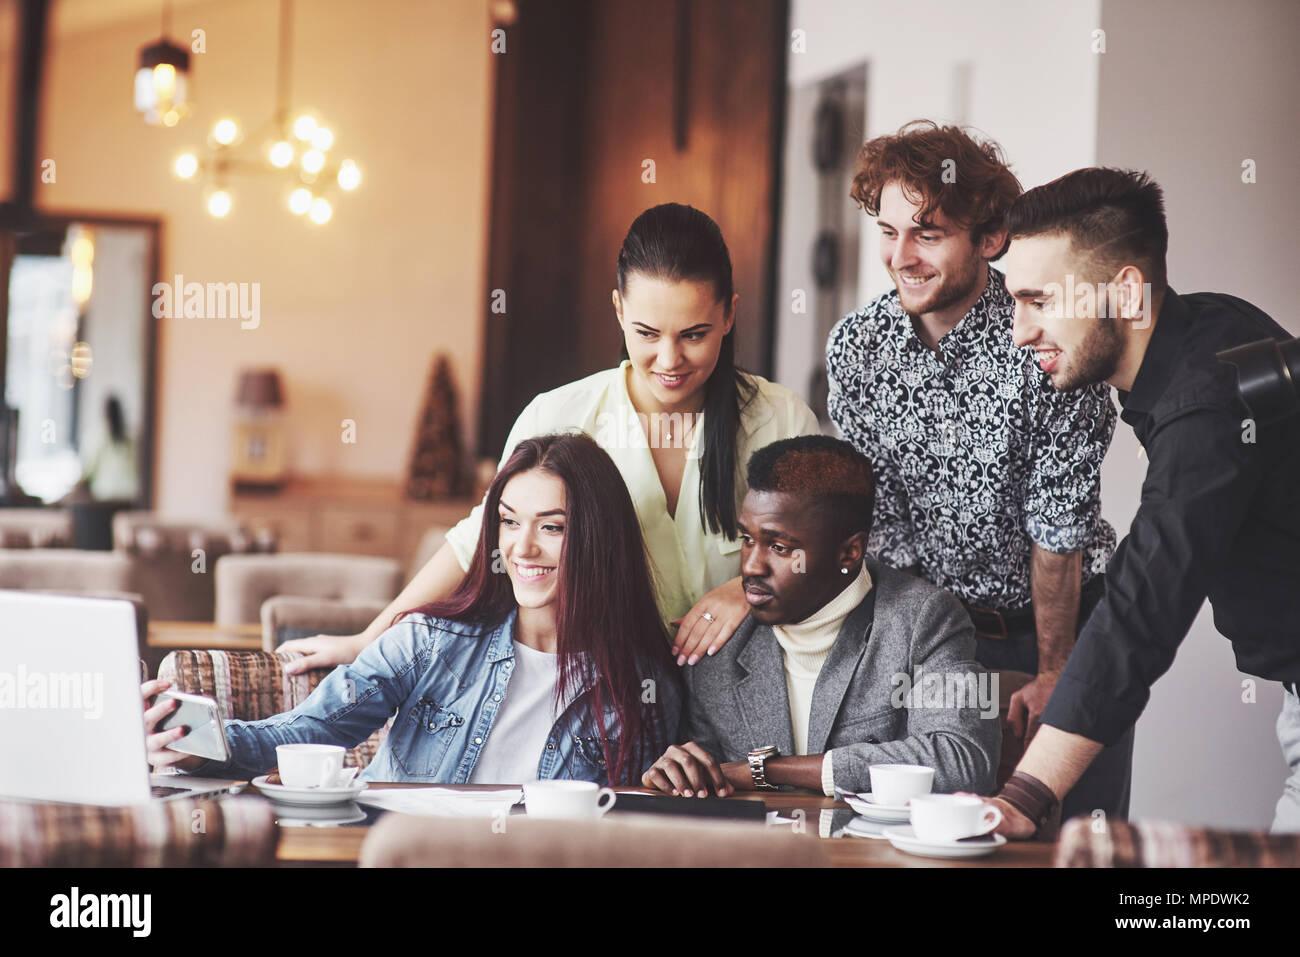 Multi-ethnische Geschäftsleute, Unternehmer, Business, Small Business Konzept, Frau, Kollegen etwas auf Laptop, wie sie um einen Konferenztisch sammeln Stockbild